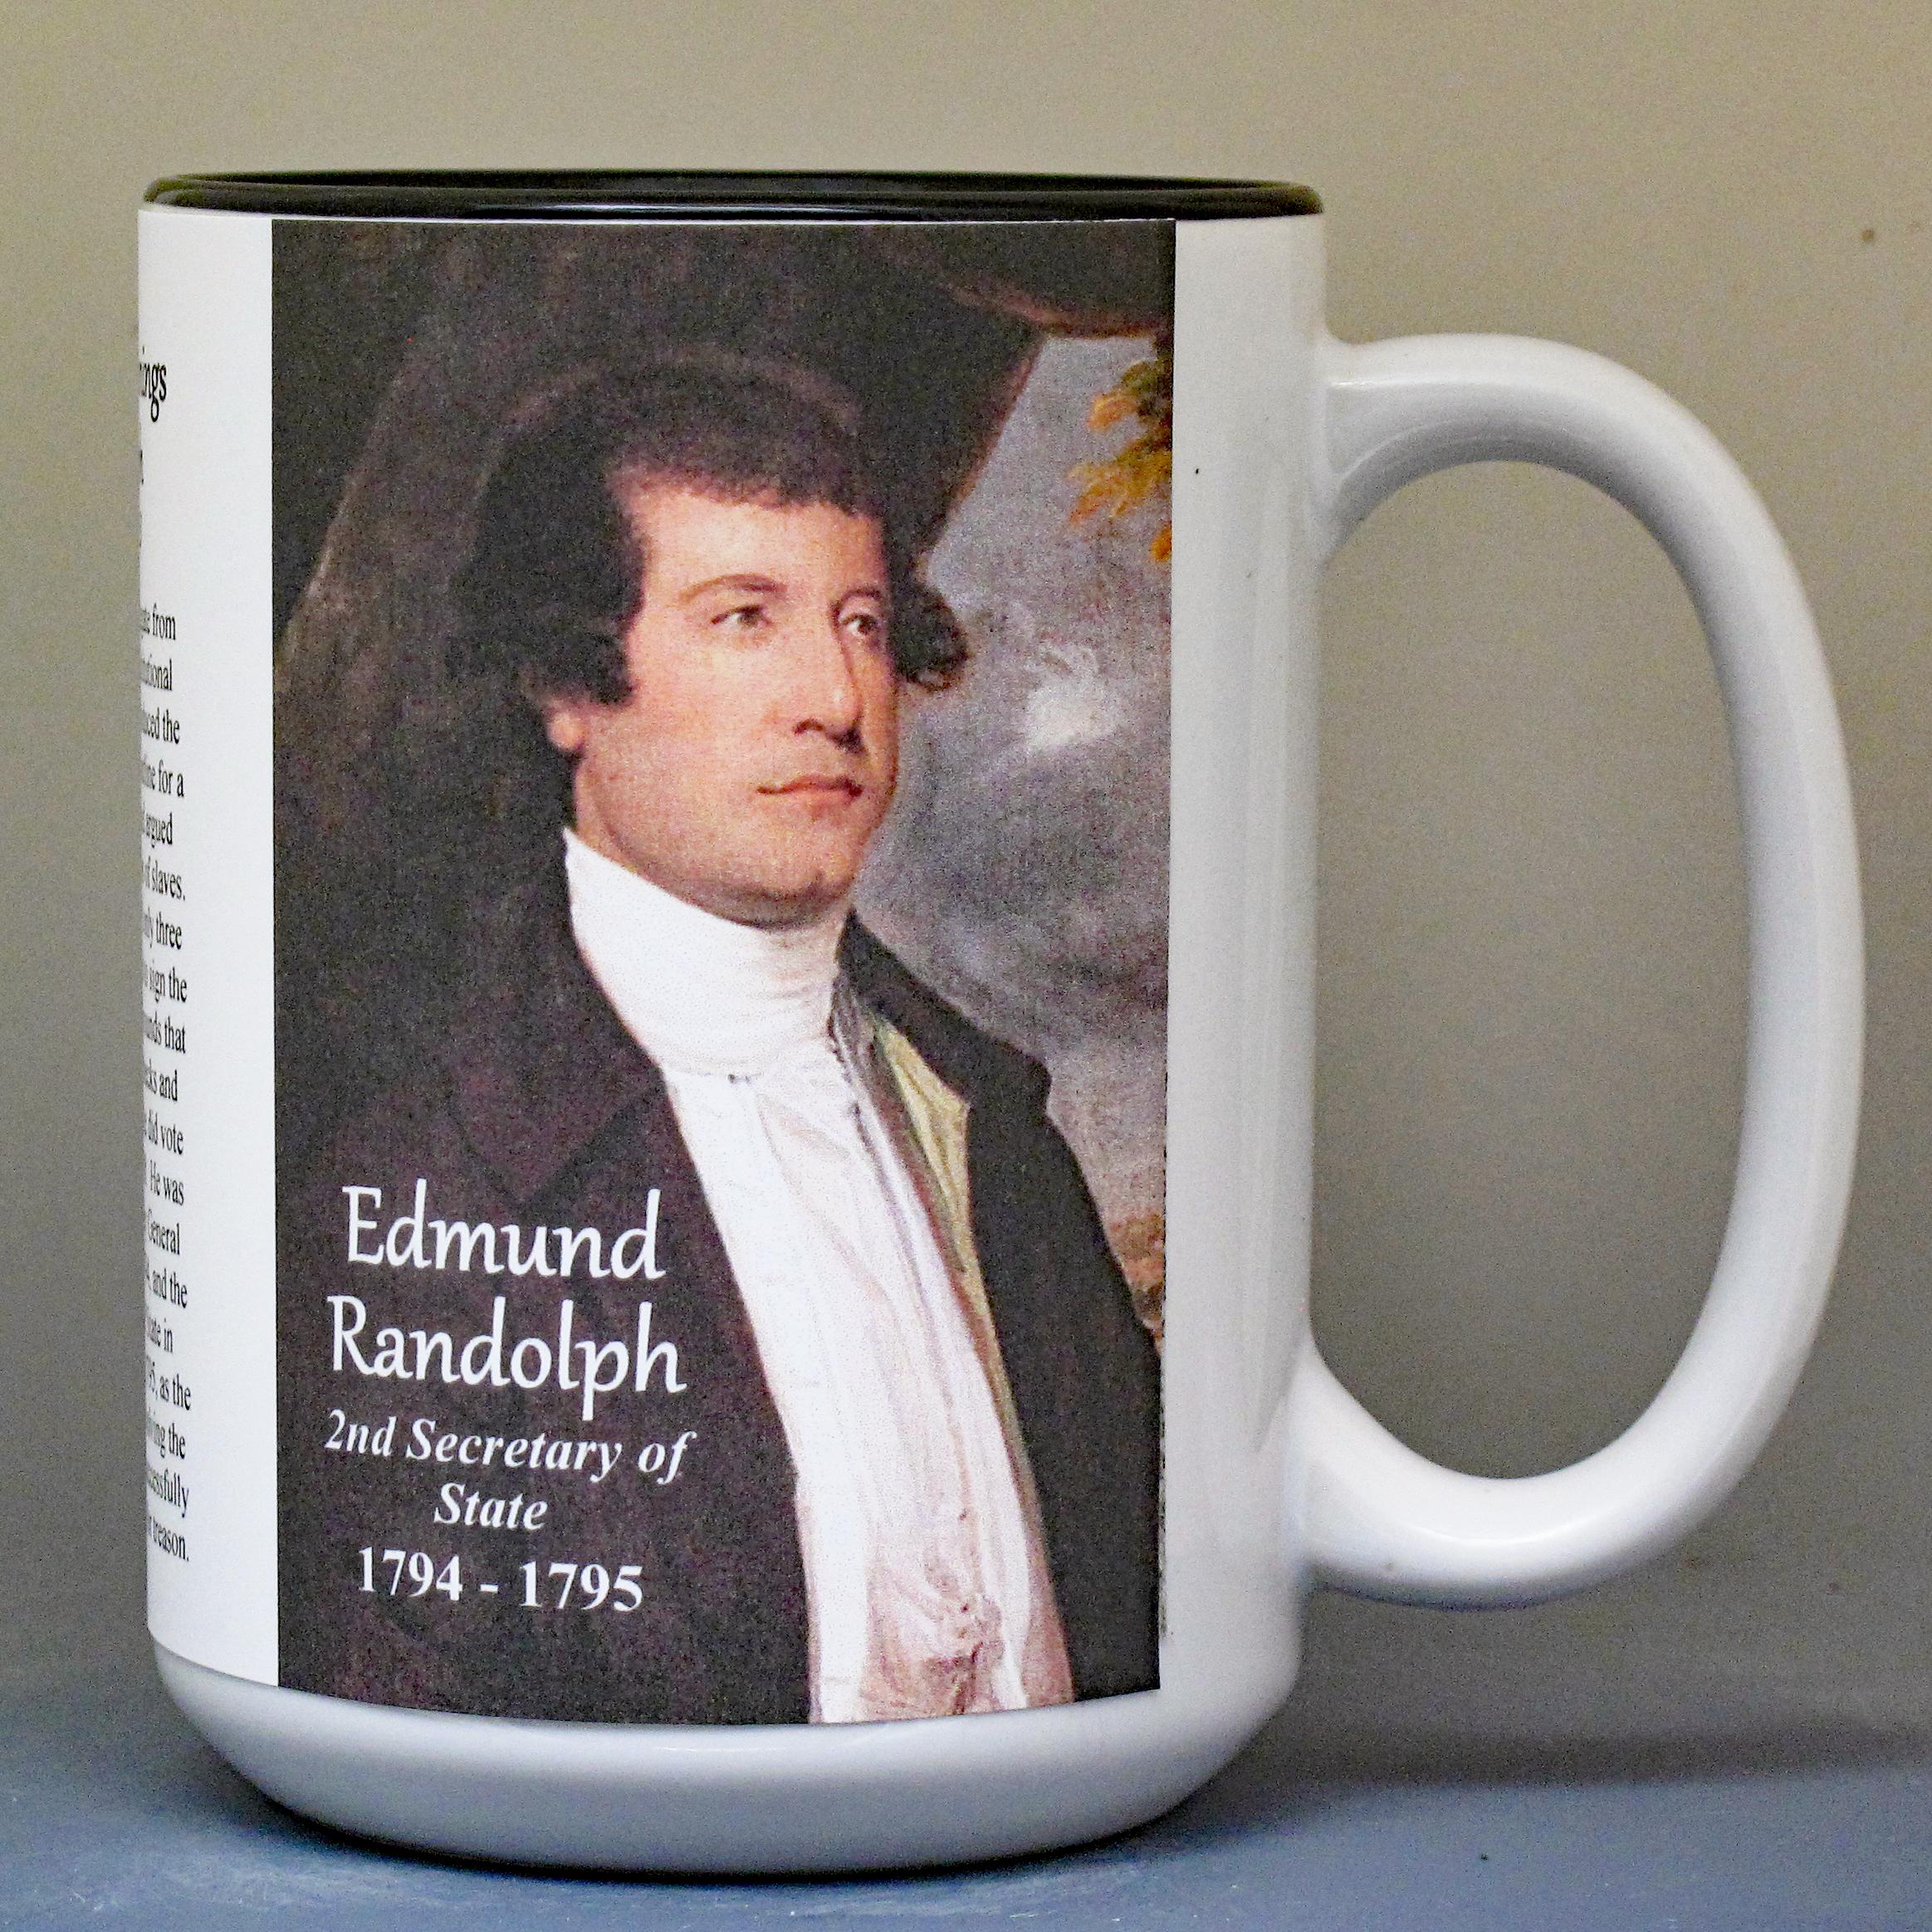 Edmund Randolph biographical history mug.